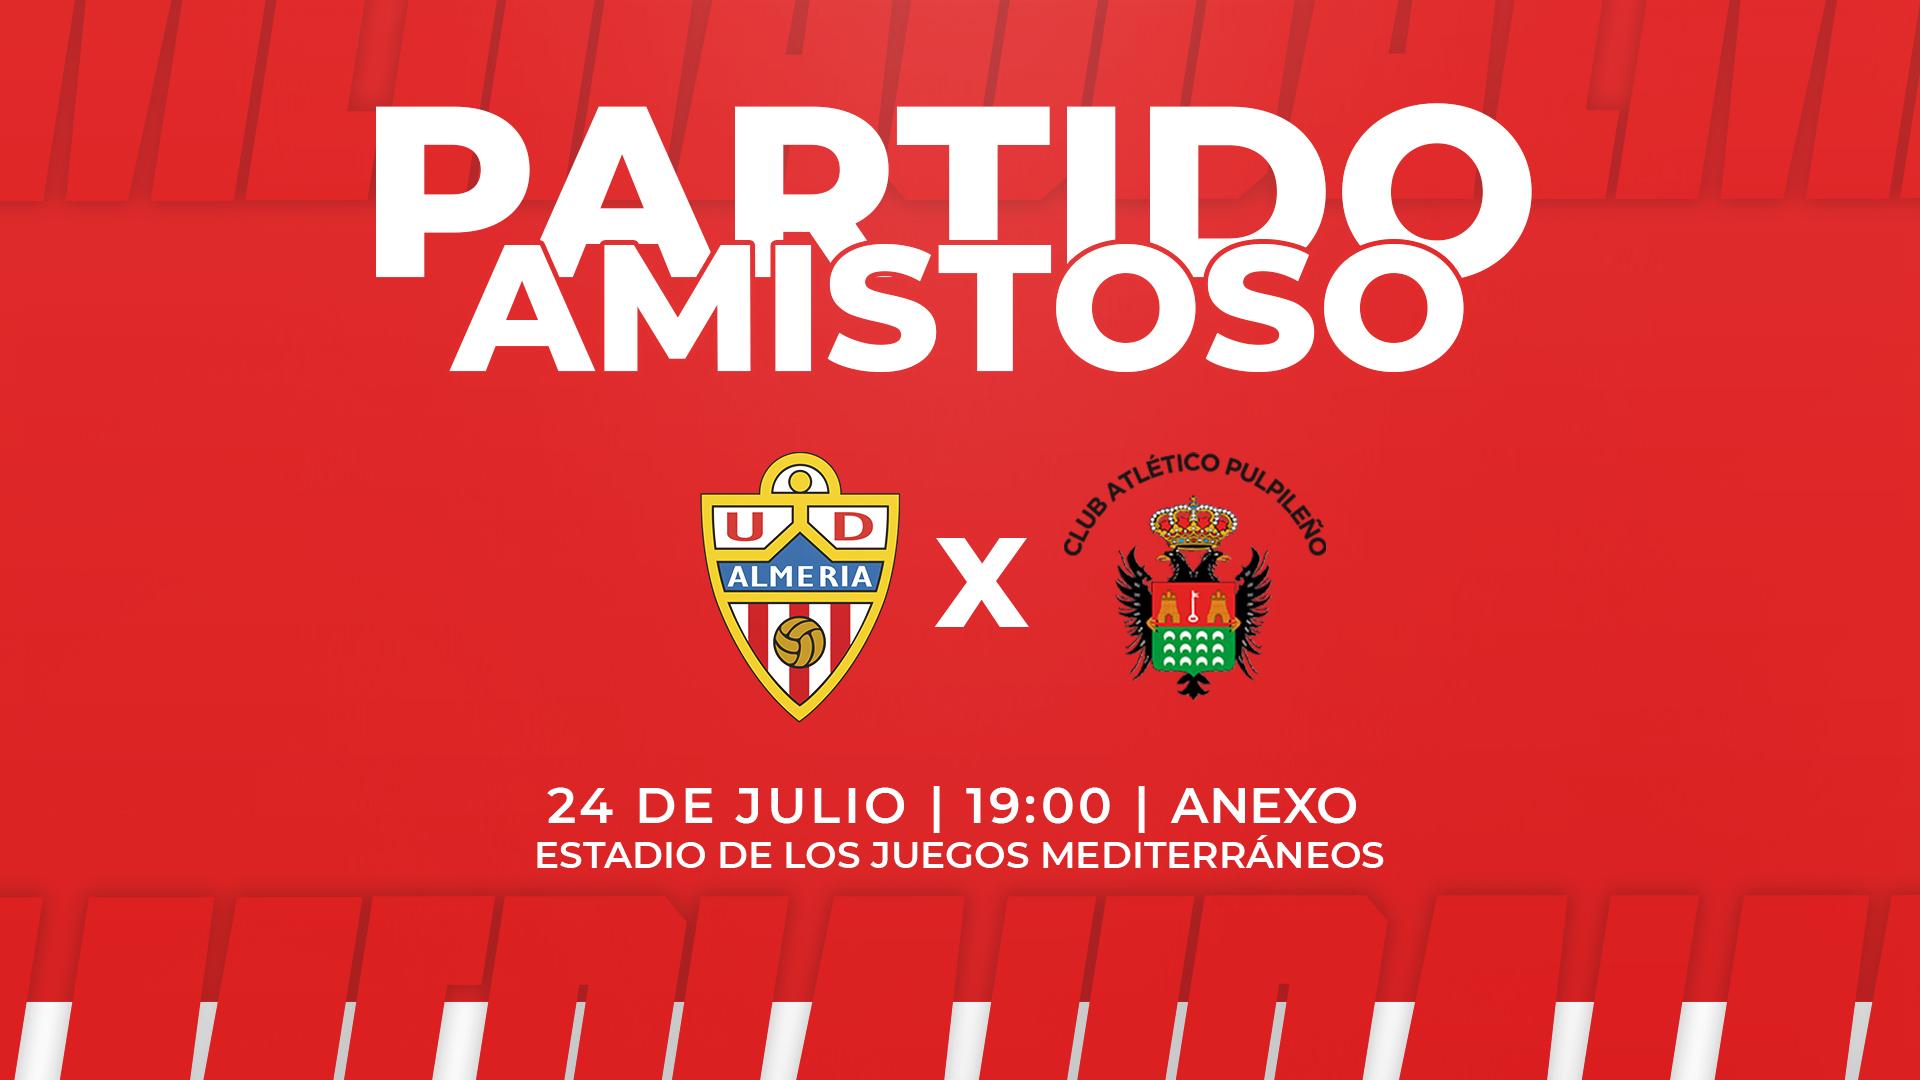 Cartel amistoso UDA vs Atlético Pulpileño